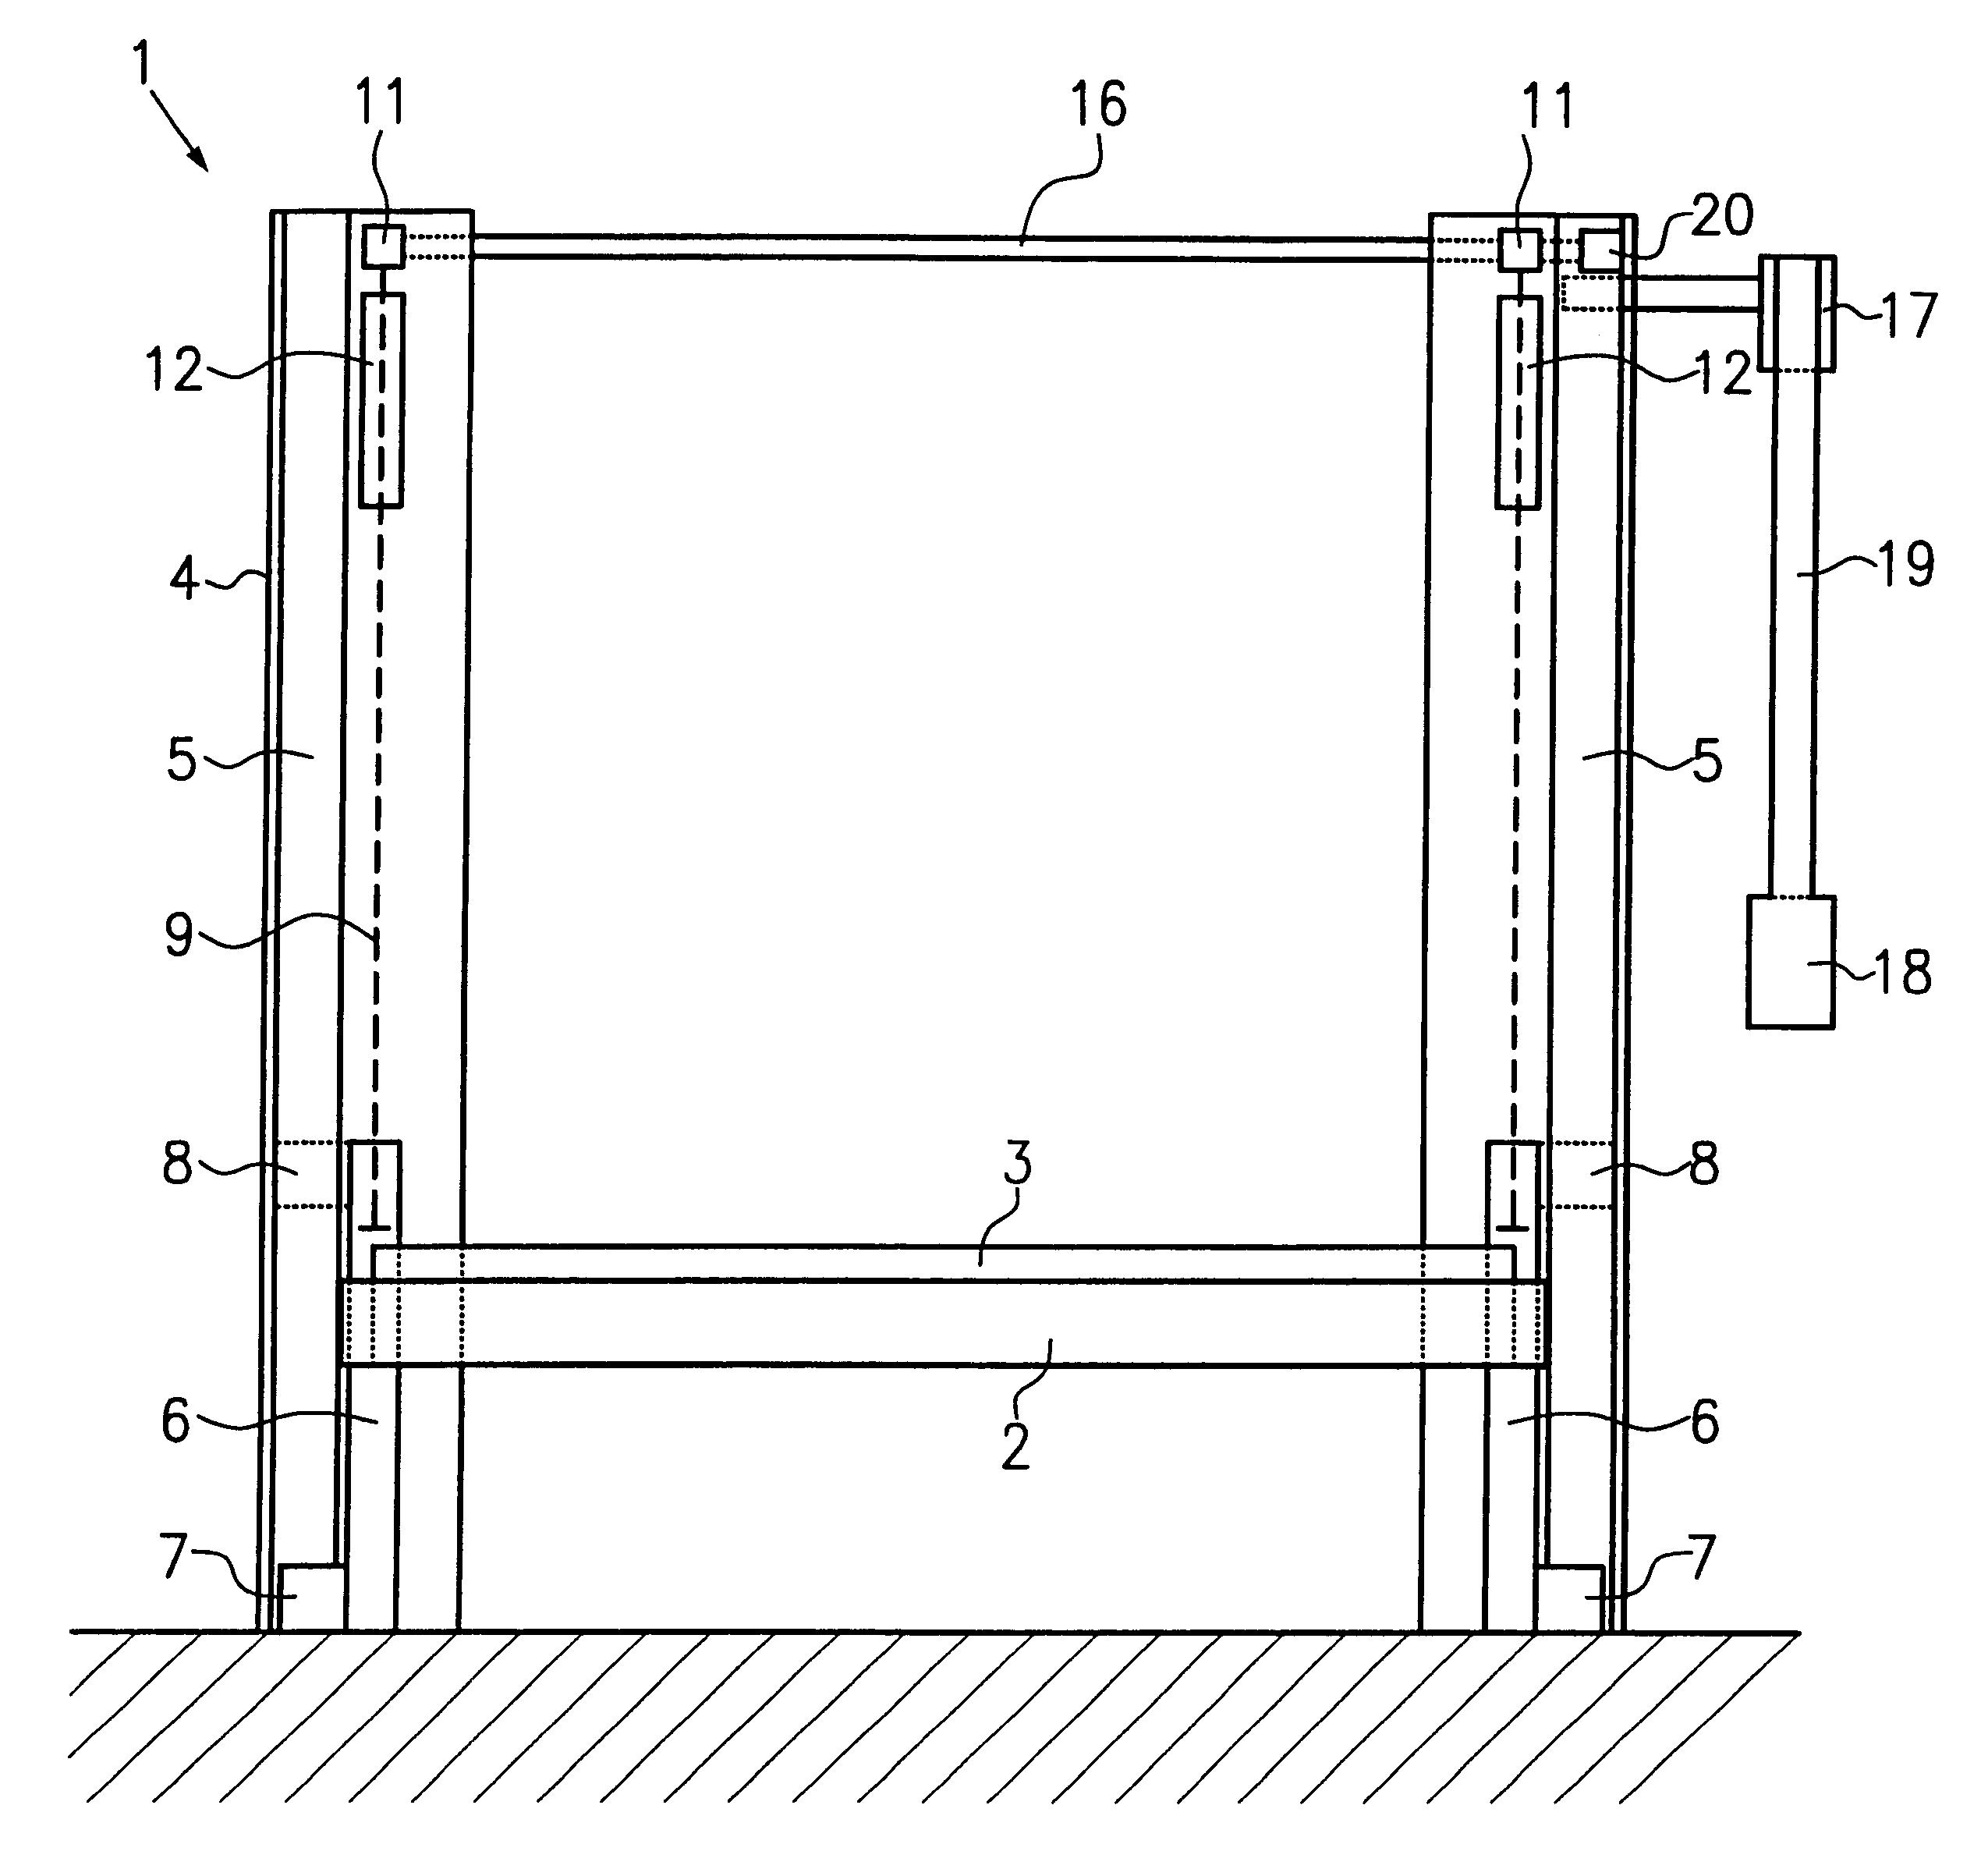 ipod usb wiring diagram happijac wiring diagram happijac bed lift - 28 images - happijac power bed lift ...